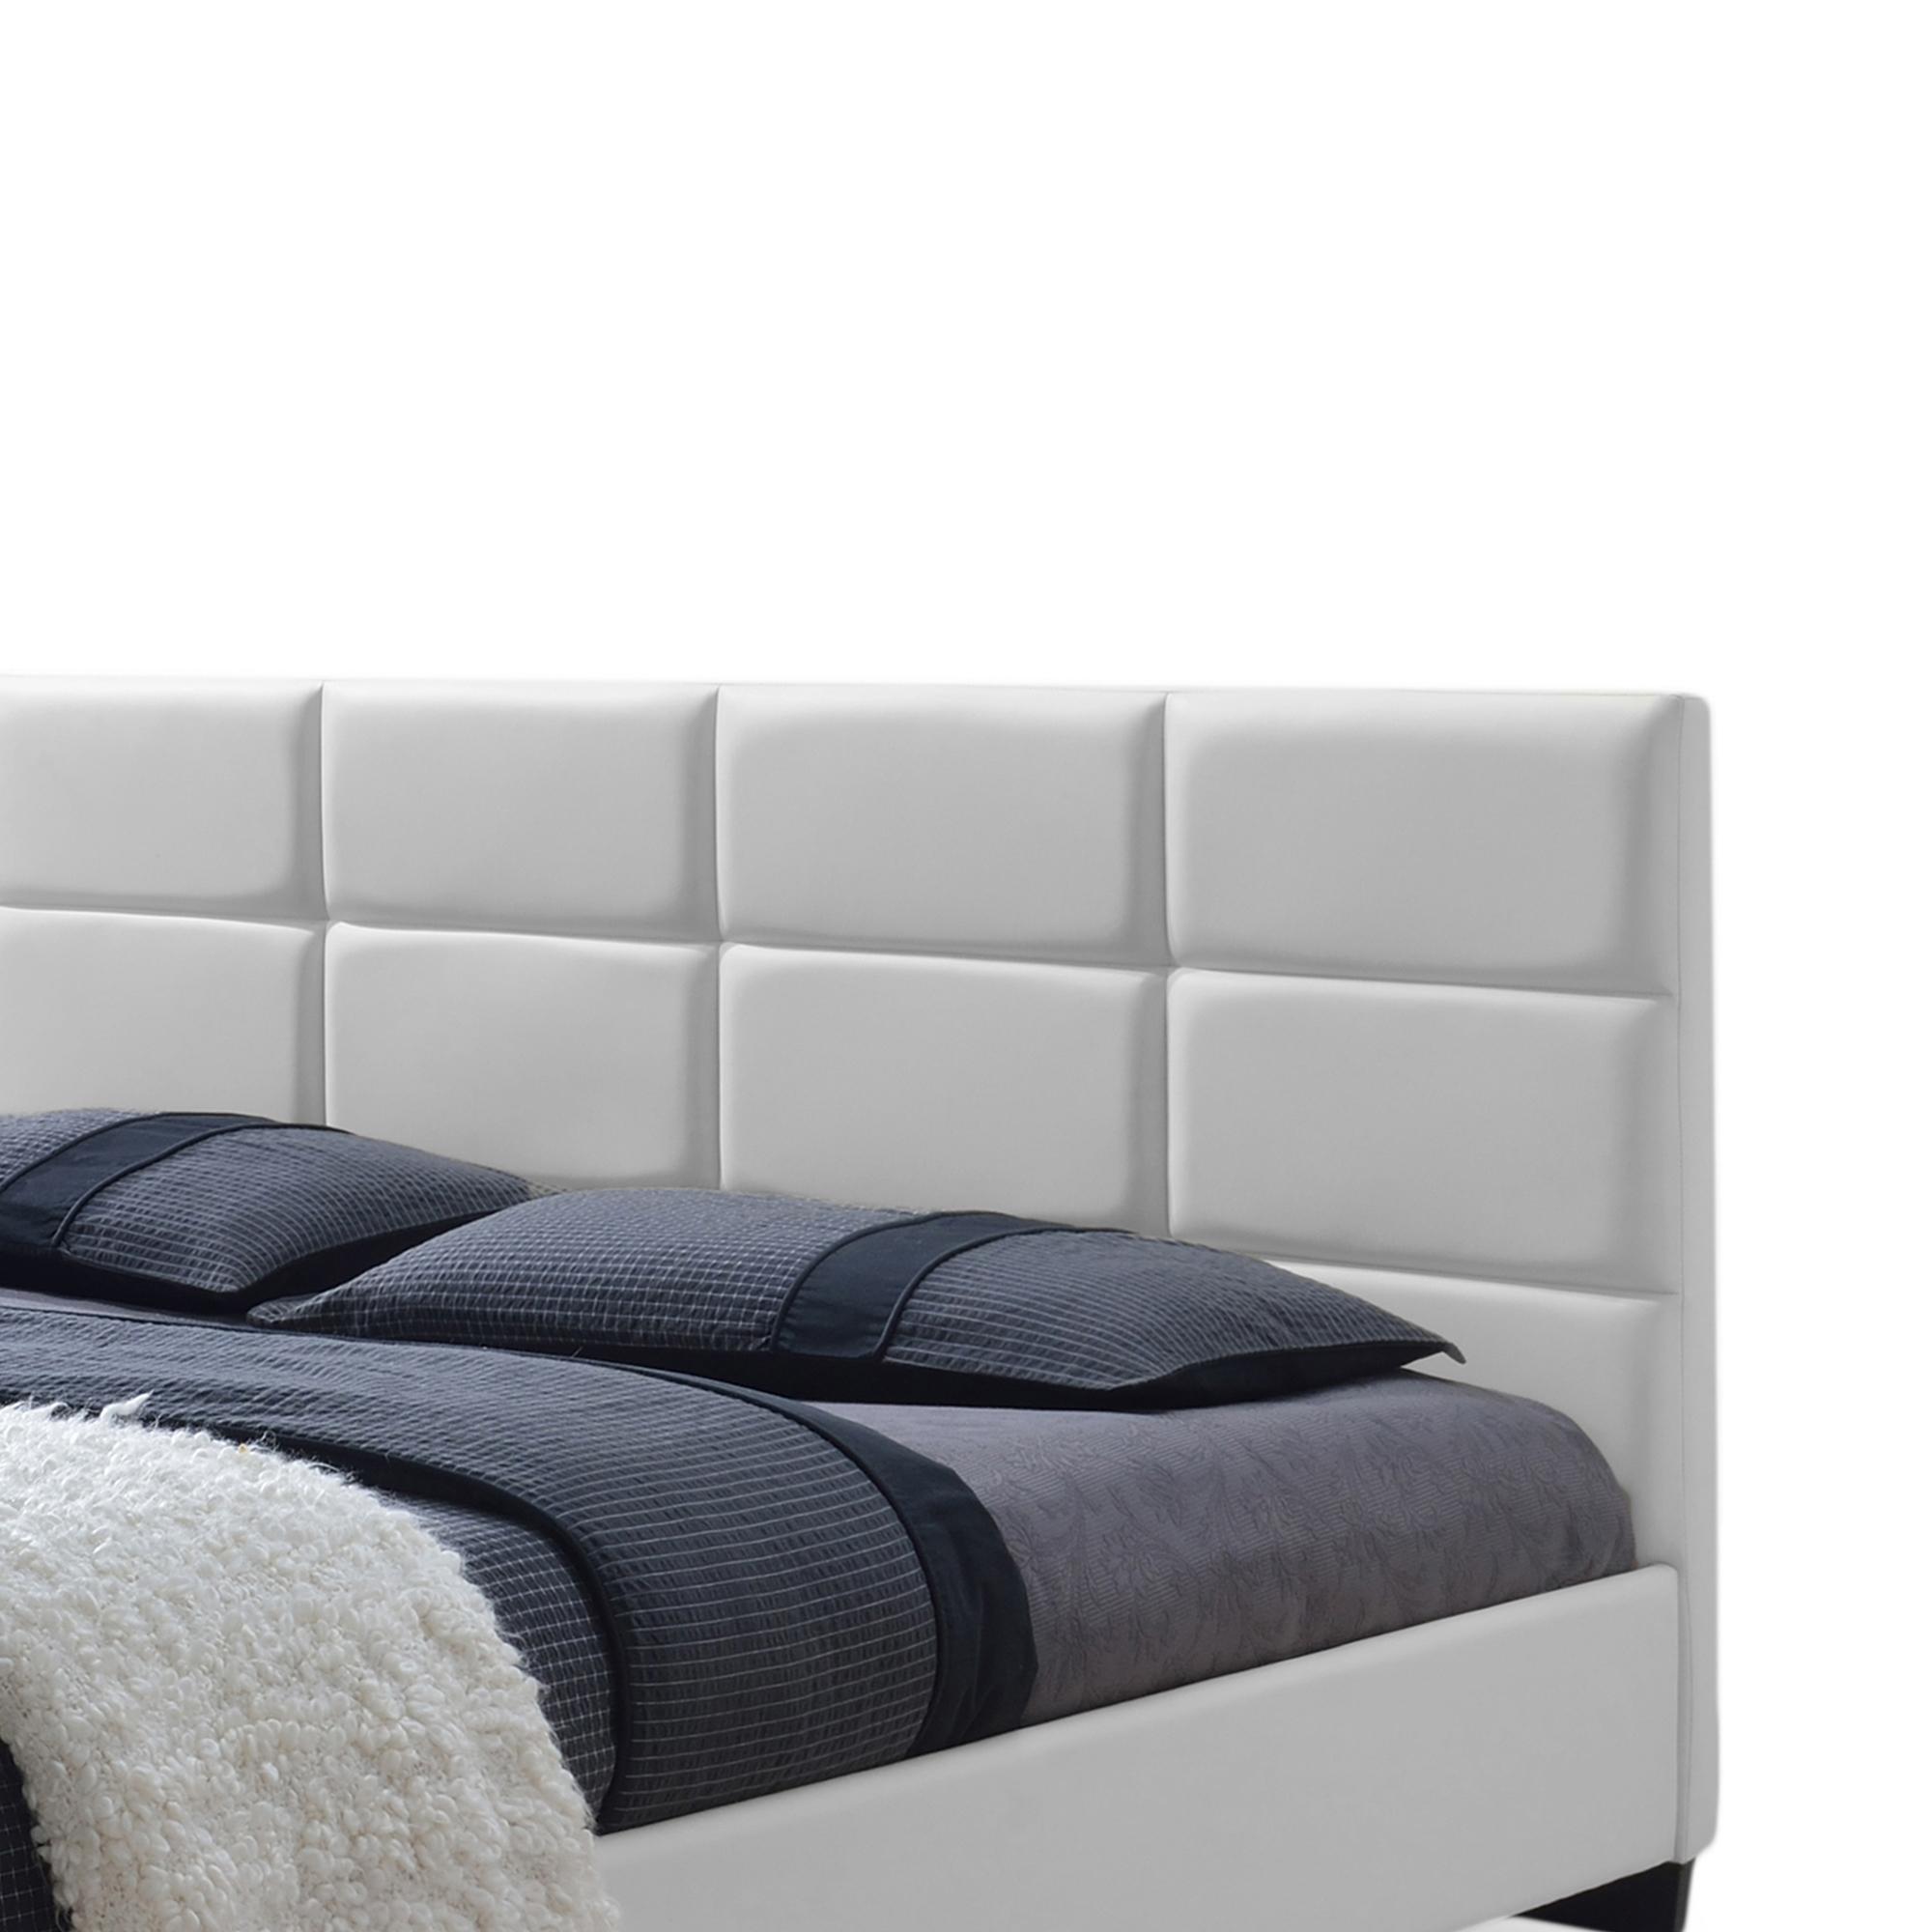 Bed Base Queen Ergomotion Adjustable Queen Bed Base